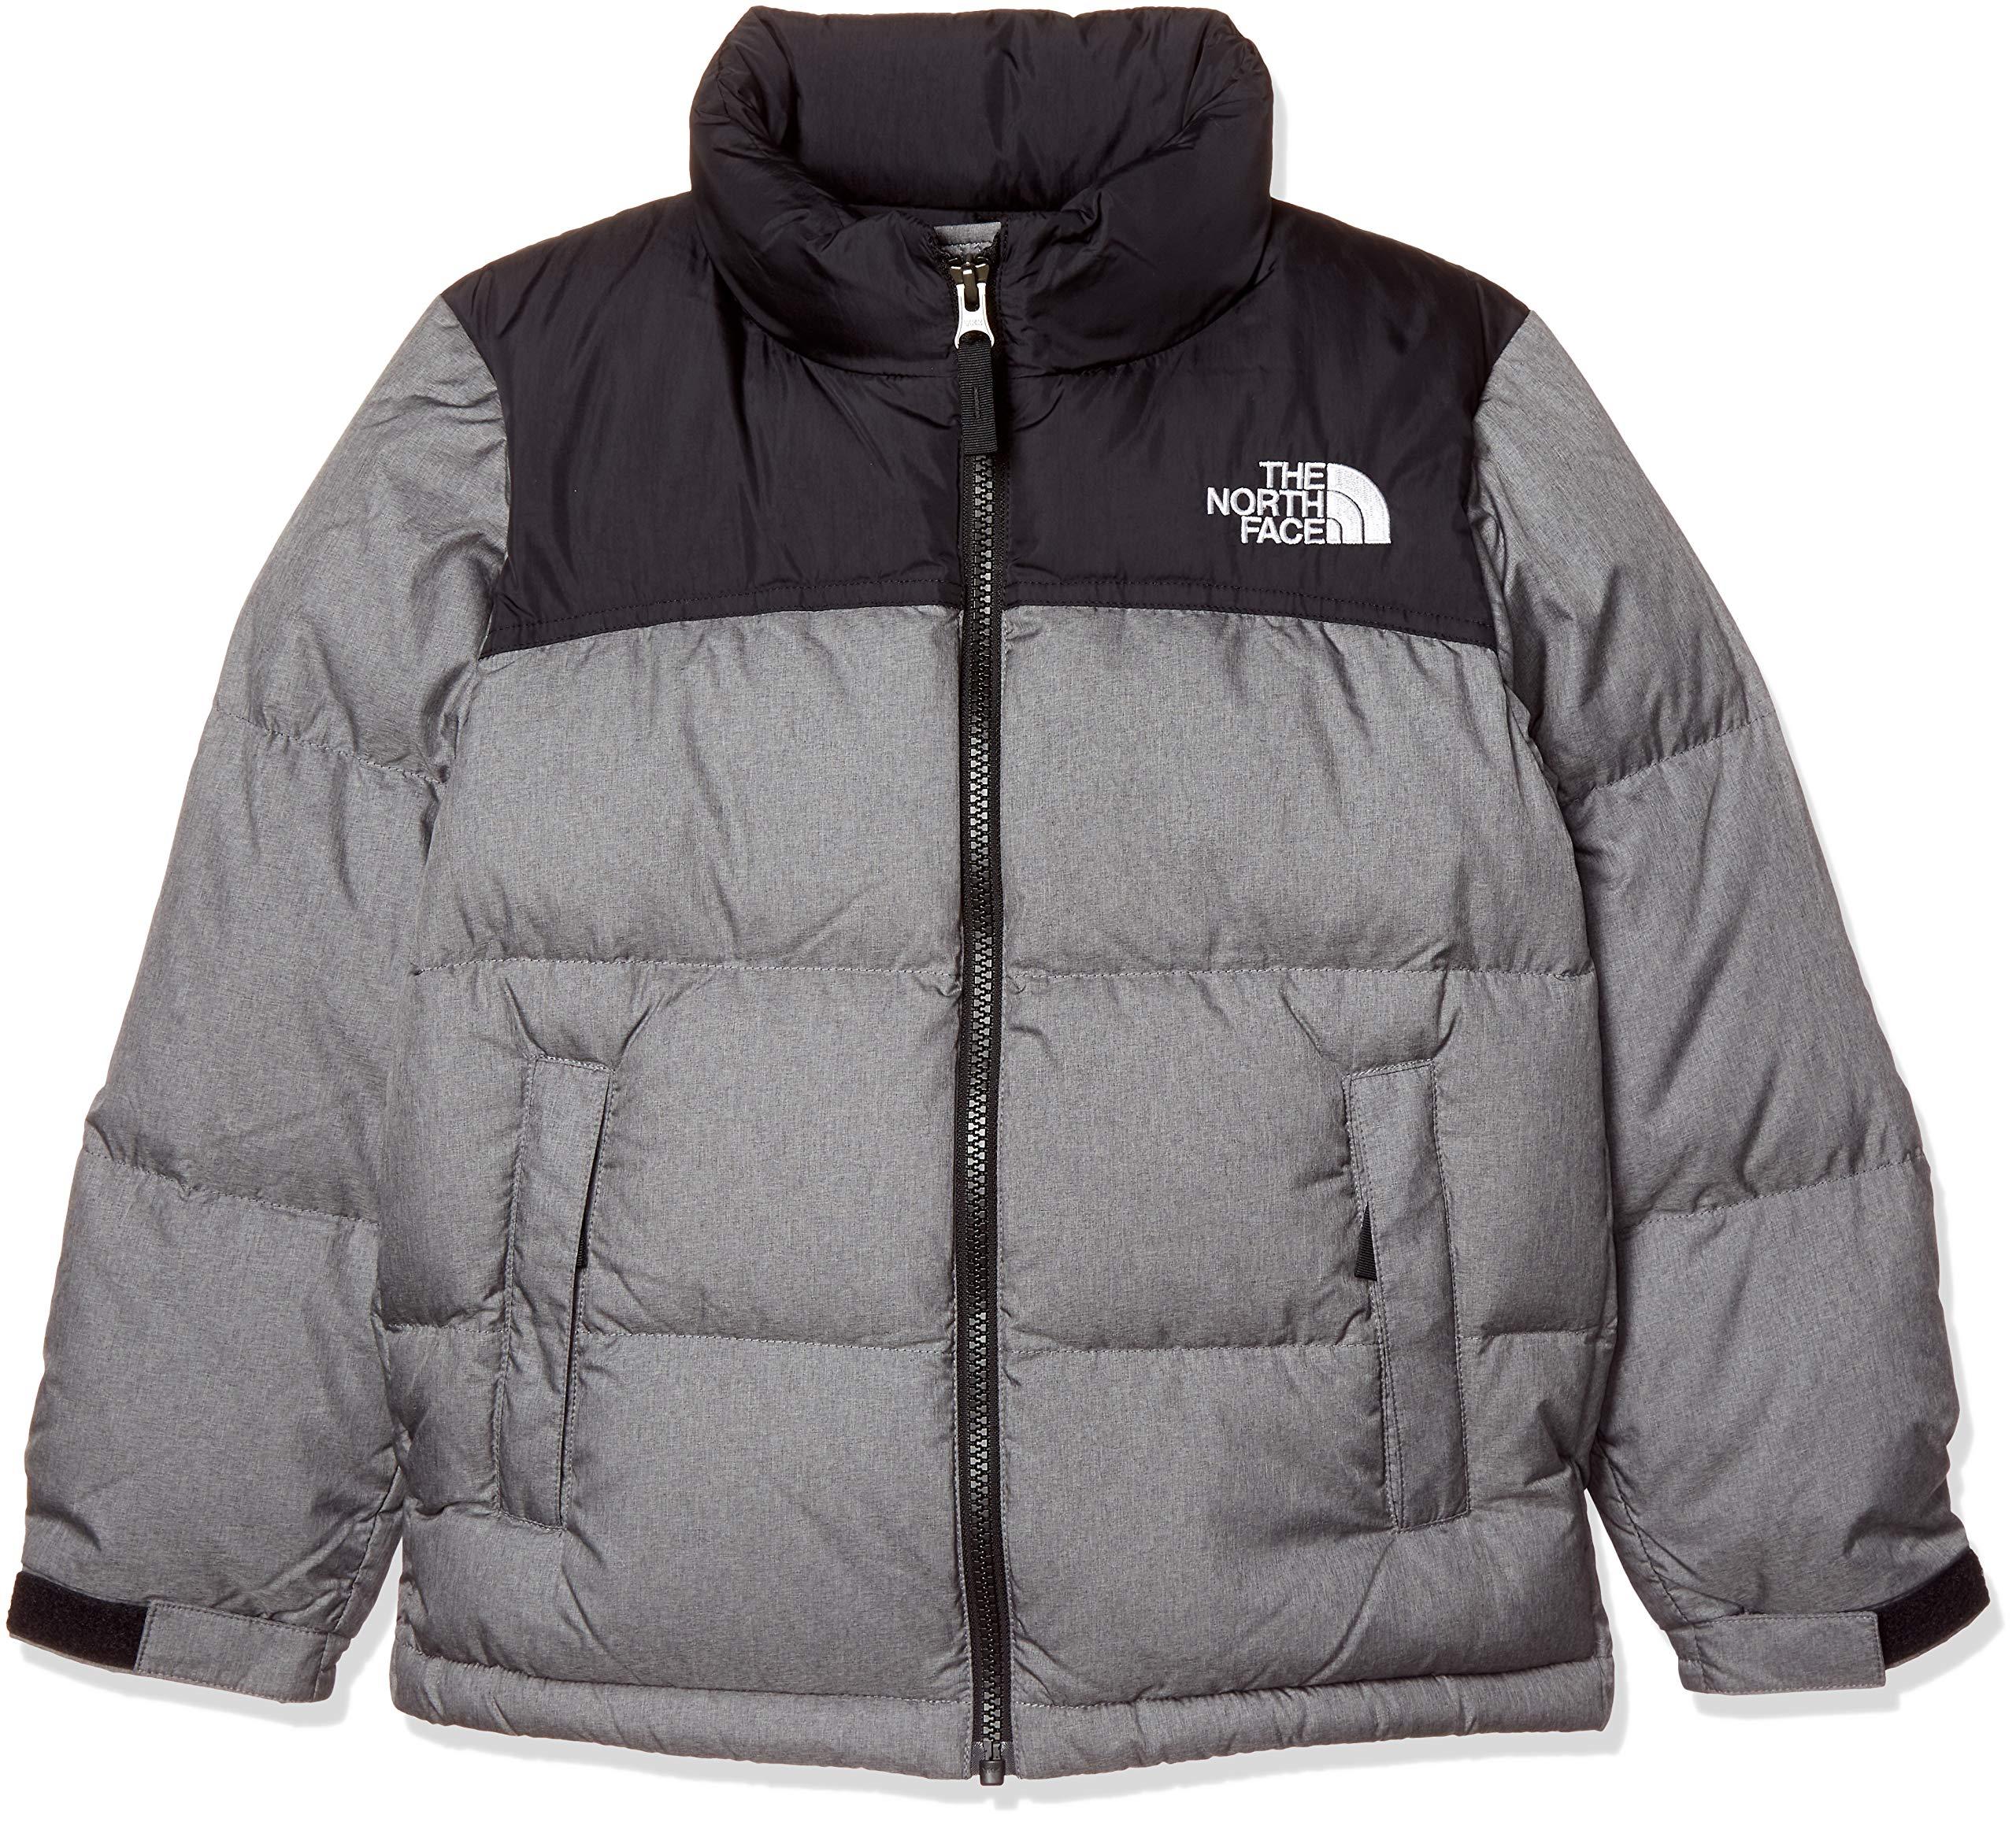 キッズ ノベルティーヌプシジャケット [ザ・ノース・フェイス] Novelty Nuptse Jacket